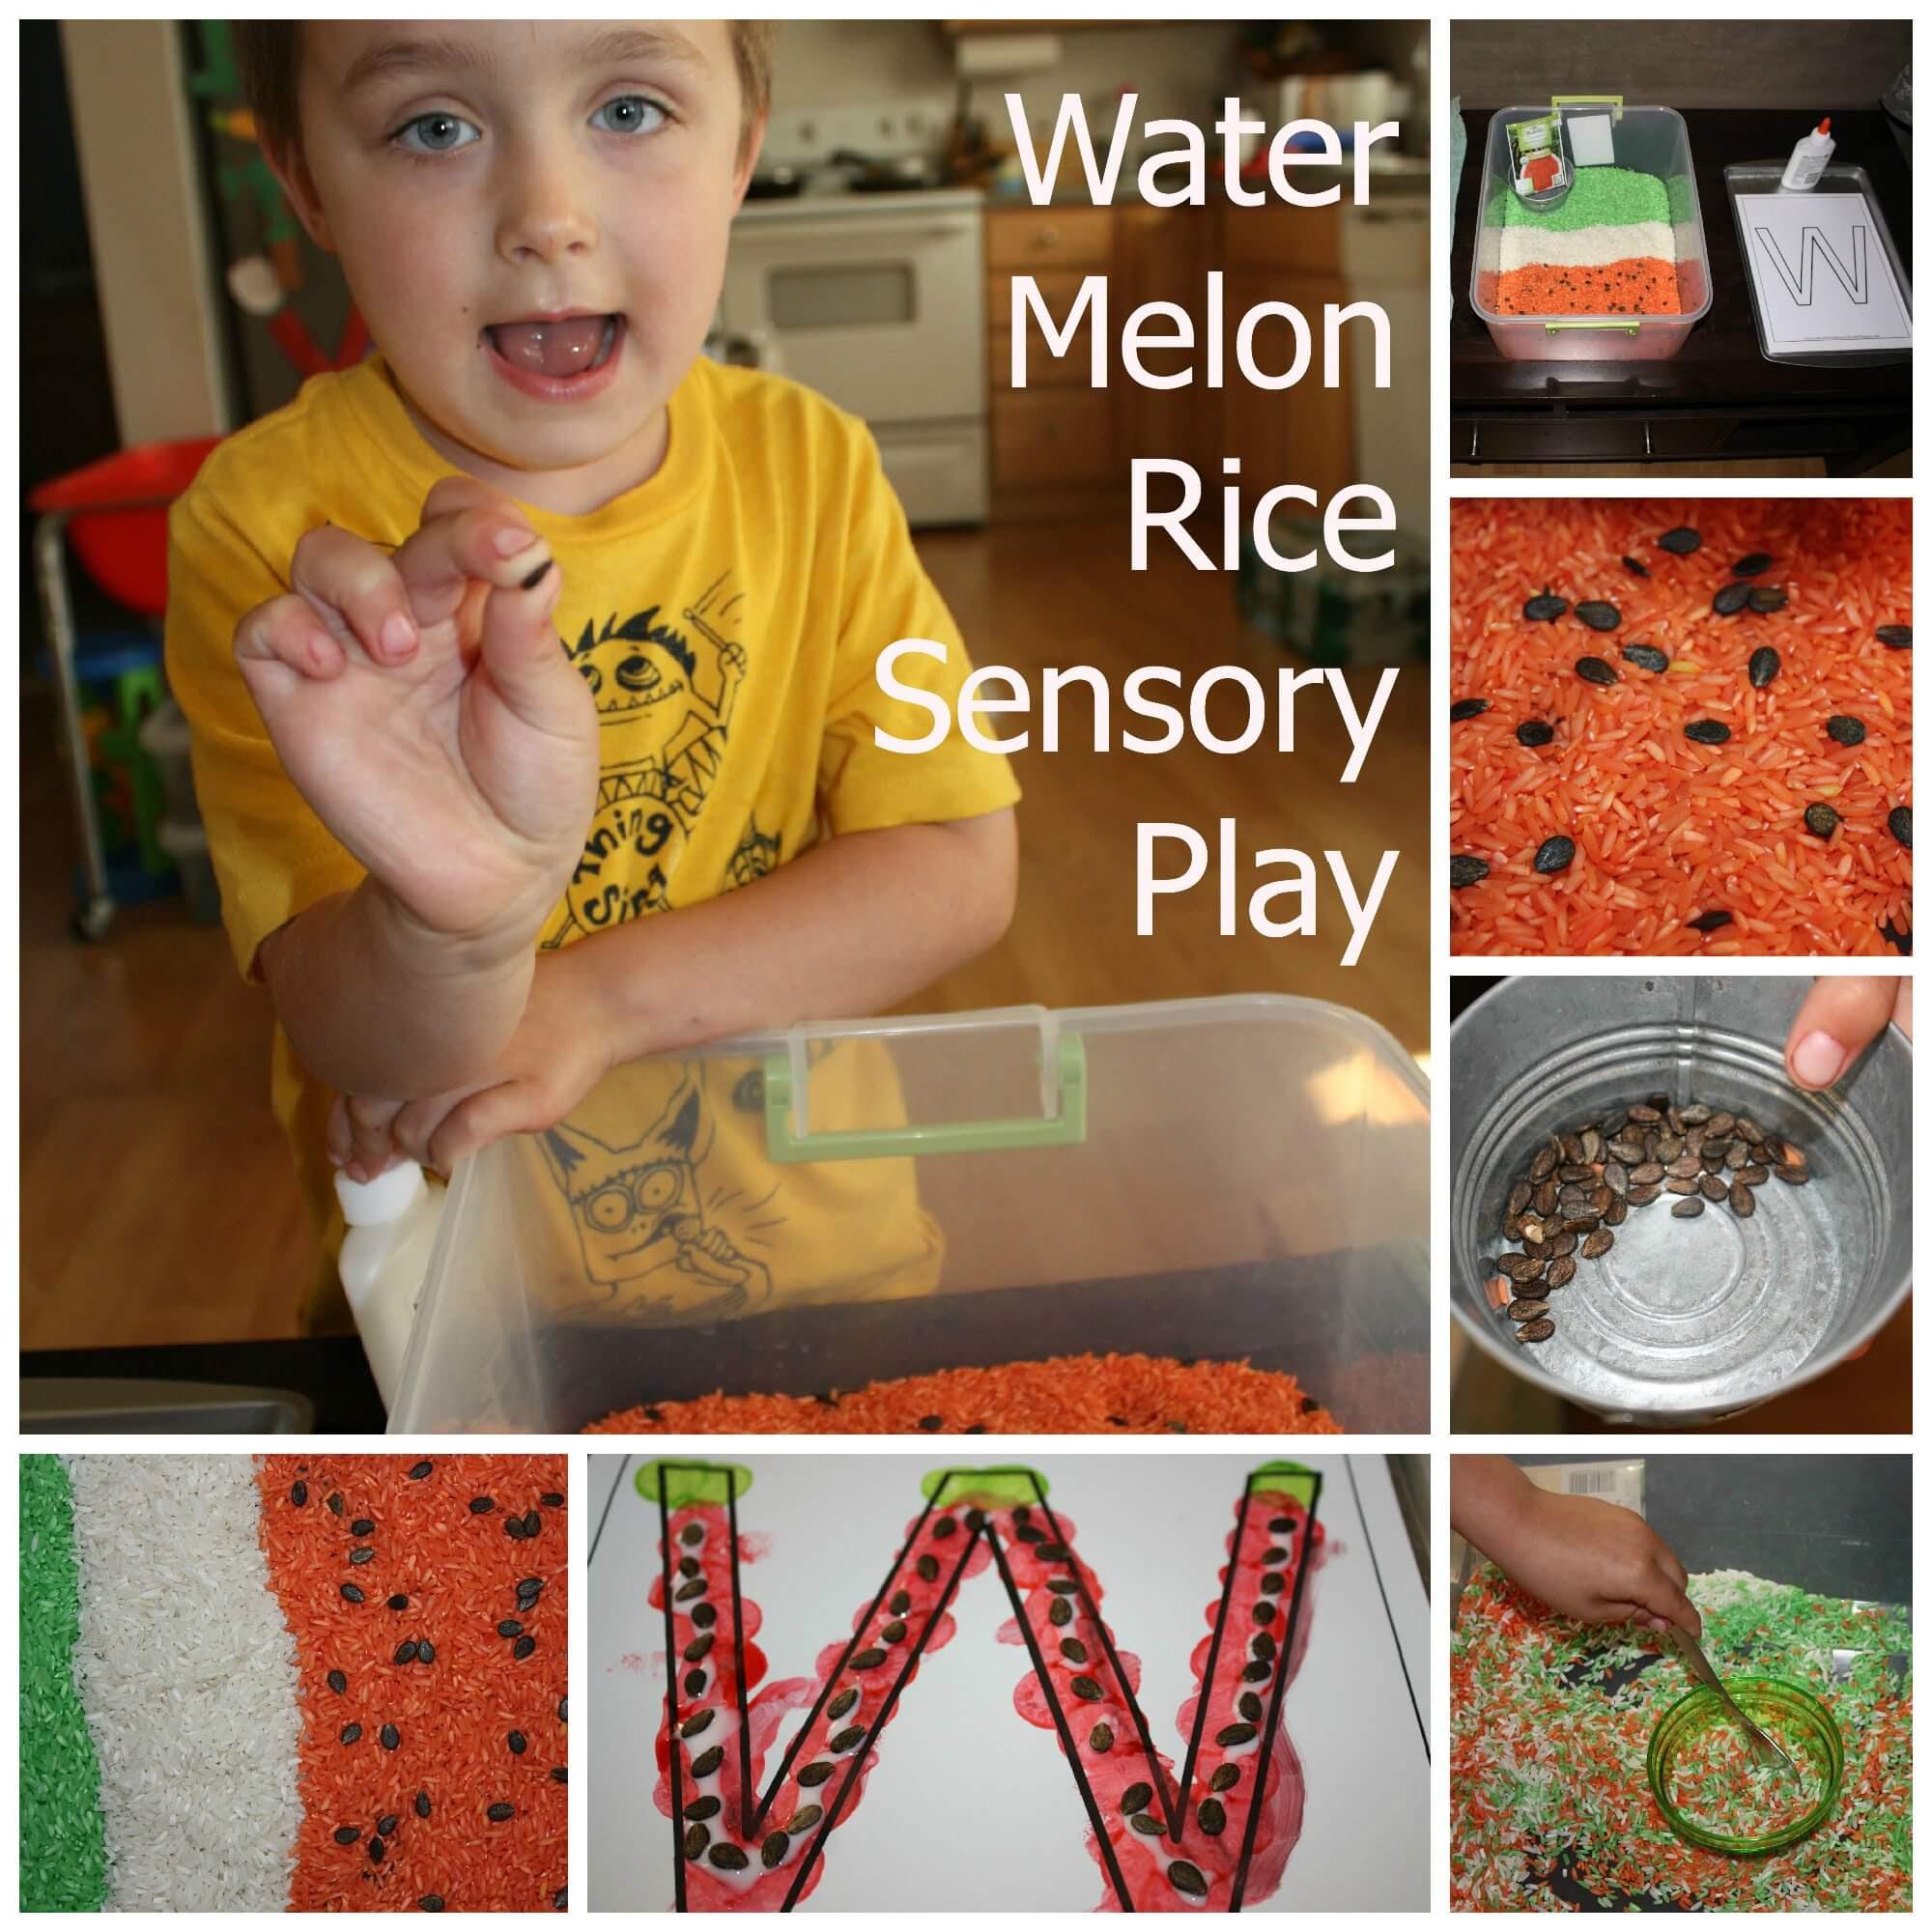 http://littlebinsforlittlehands.com/wp-content/uploads/2013/06/watermelon-rice-bin.jpg